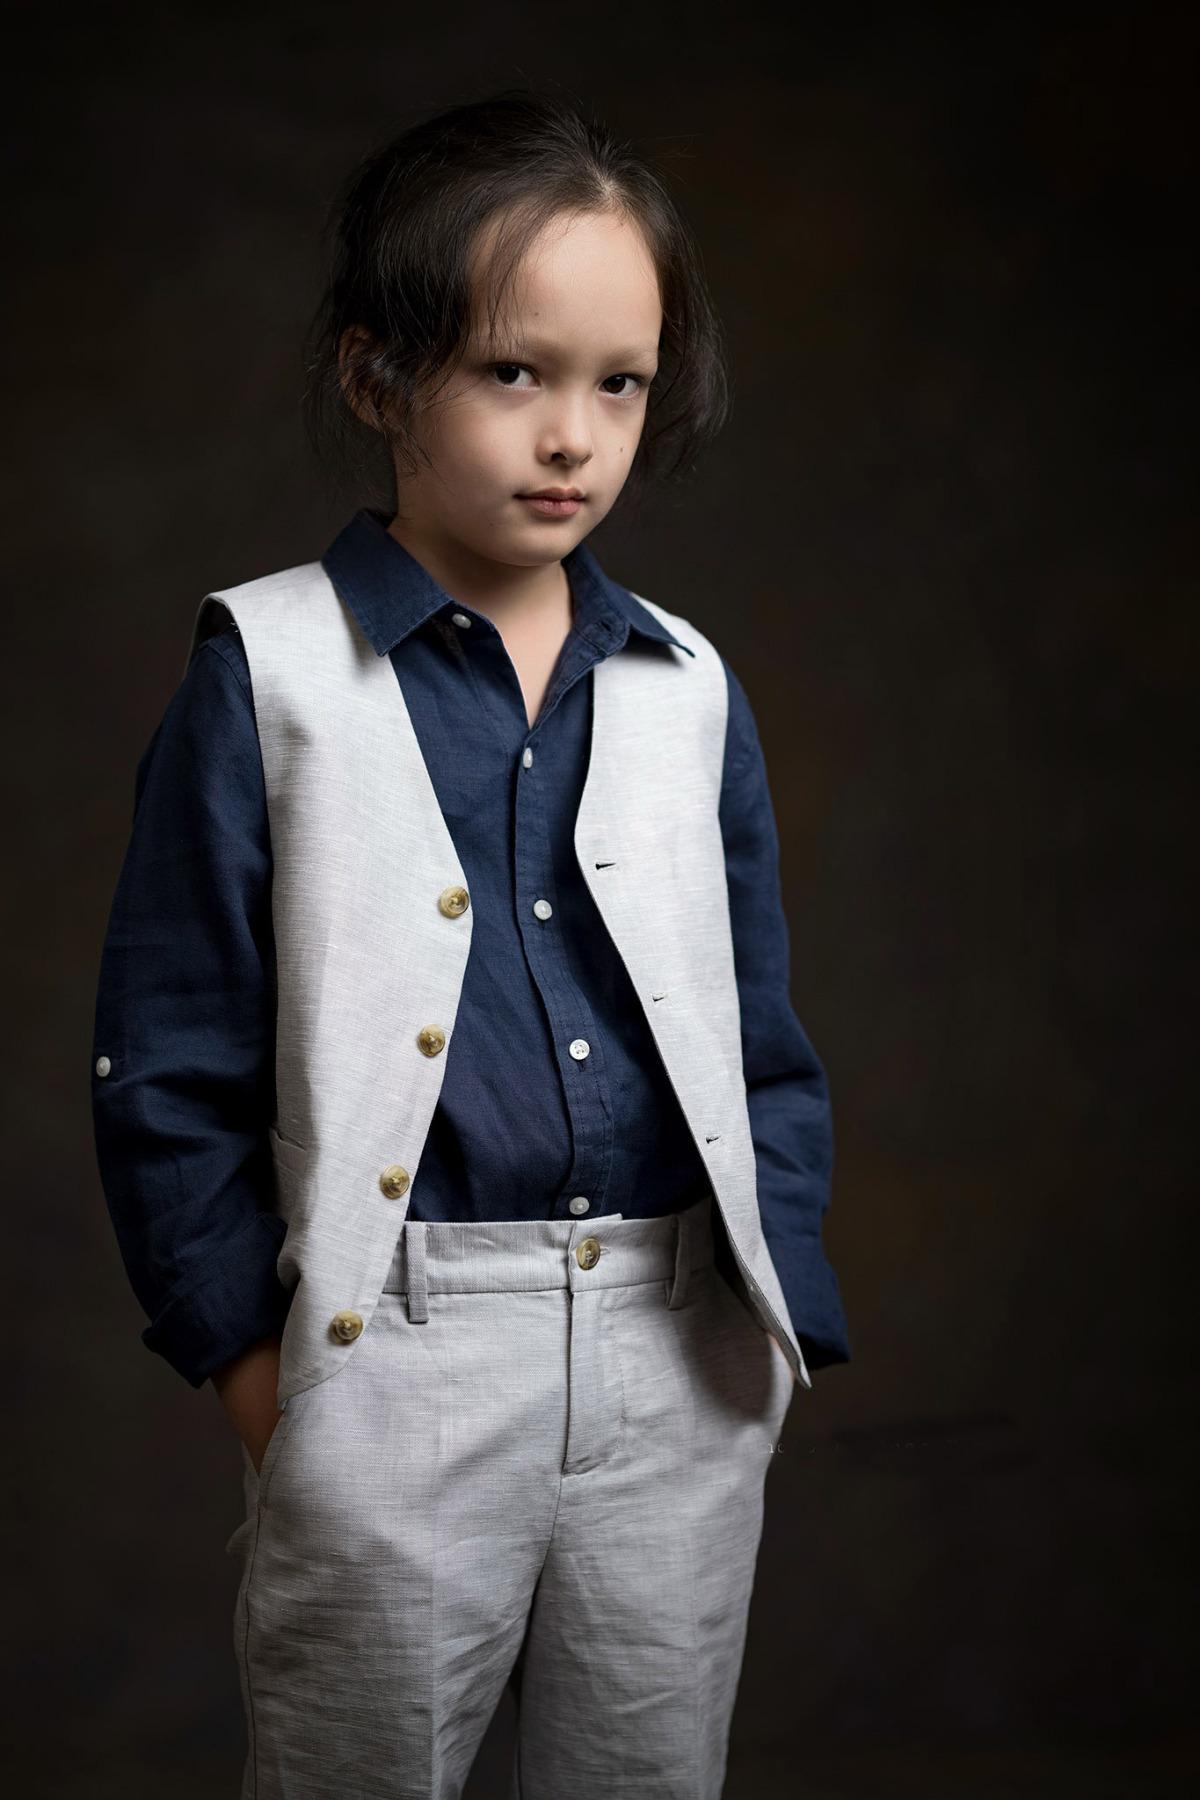 Bé Tôm - con trai ca sĩ Hồng Nhung - có bố là người Mỹ nên sở hữu vẻ ngoài lai Tây, đáng yêu. Tôm để tóc dài lãng tử từ nhỏ, nhưng có gương mặt và gu thời trang nam tính. Thỉnh thoảng, Tôm được mời làm mẫu ảnh. Cậu bé trông chững chạc, tự tin khi đứng trước ống kính.